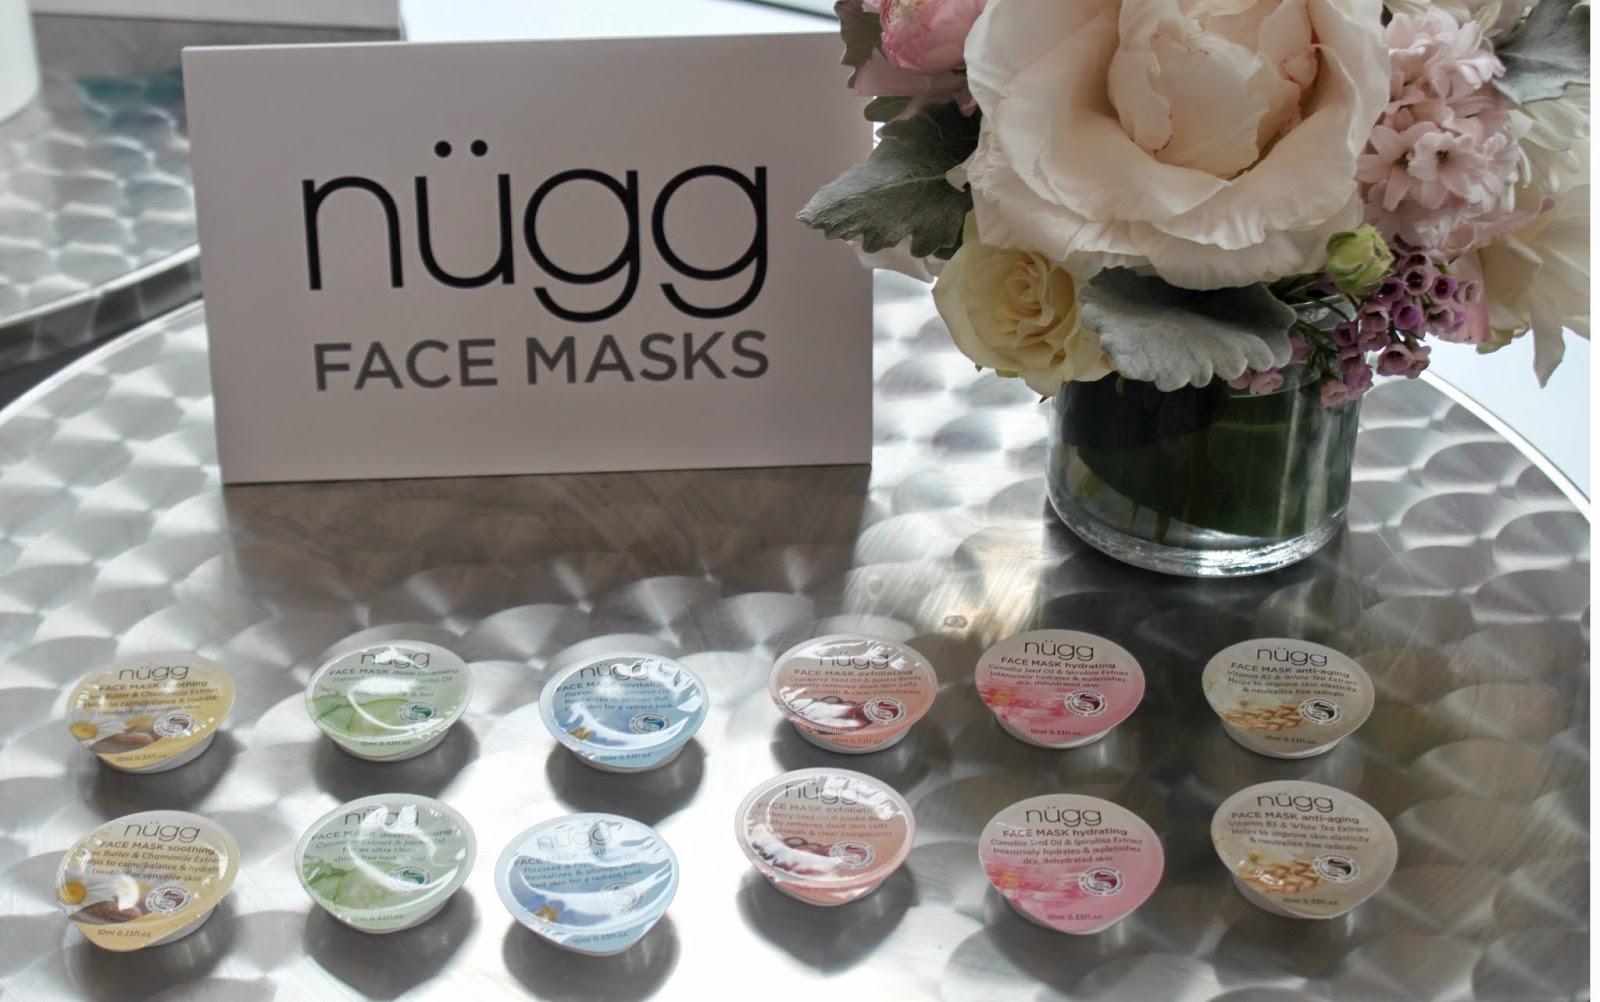 nugg face masks - www.mylifeonandofftheguestlist.com